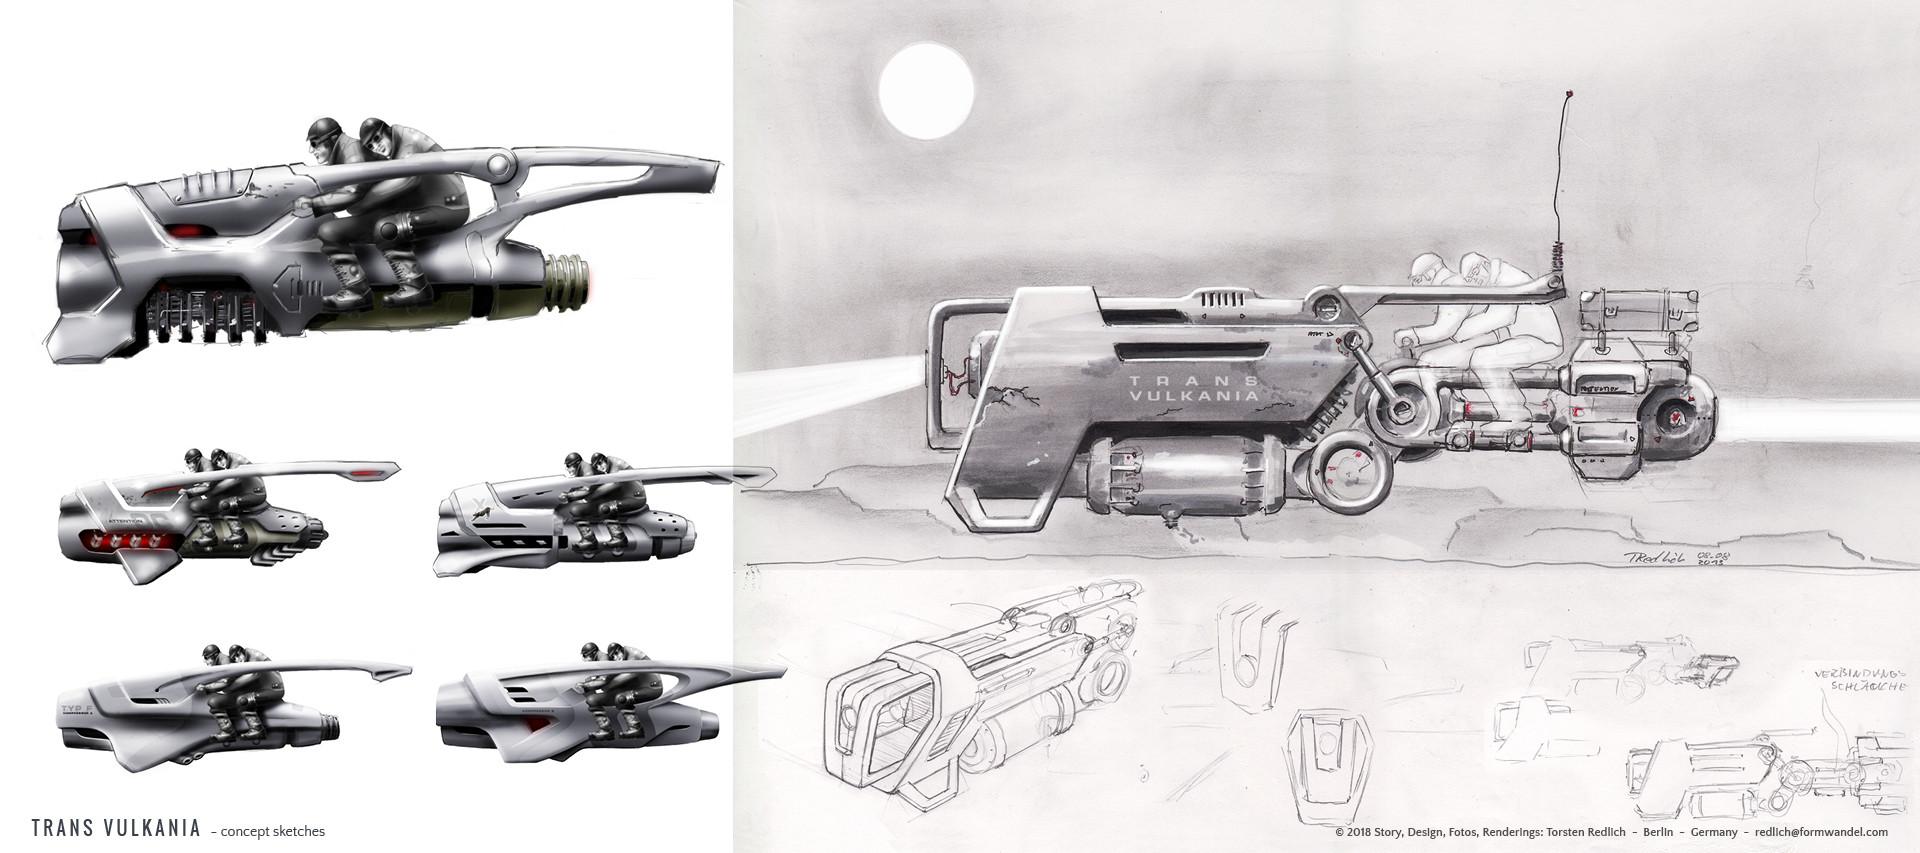 TRANS VULKANIA - concept sketches